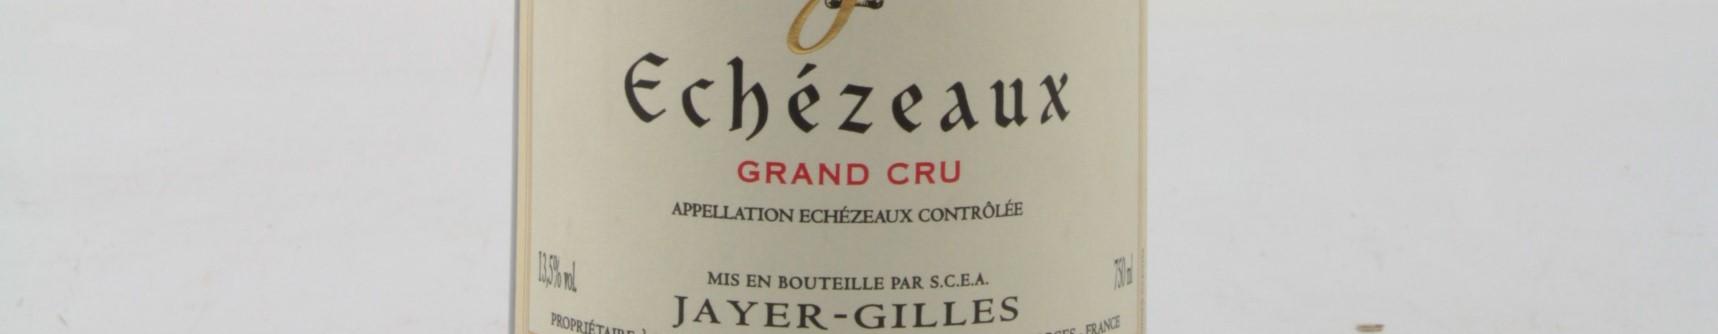 La photo montre une bouteille de vin du grand cru echezeaux du Domaine Gilles Jayer situé en cote d'or en Bourgogne